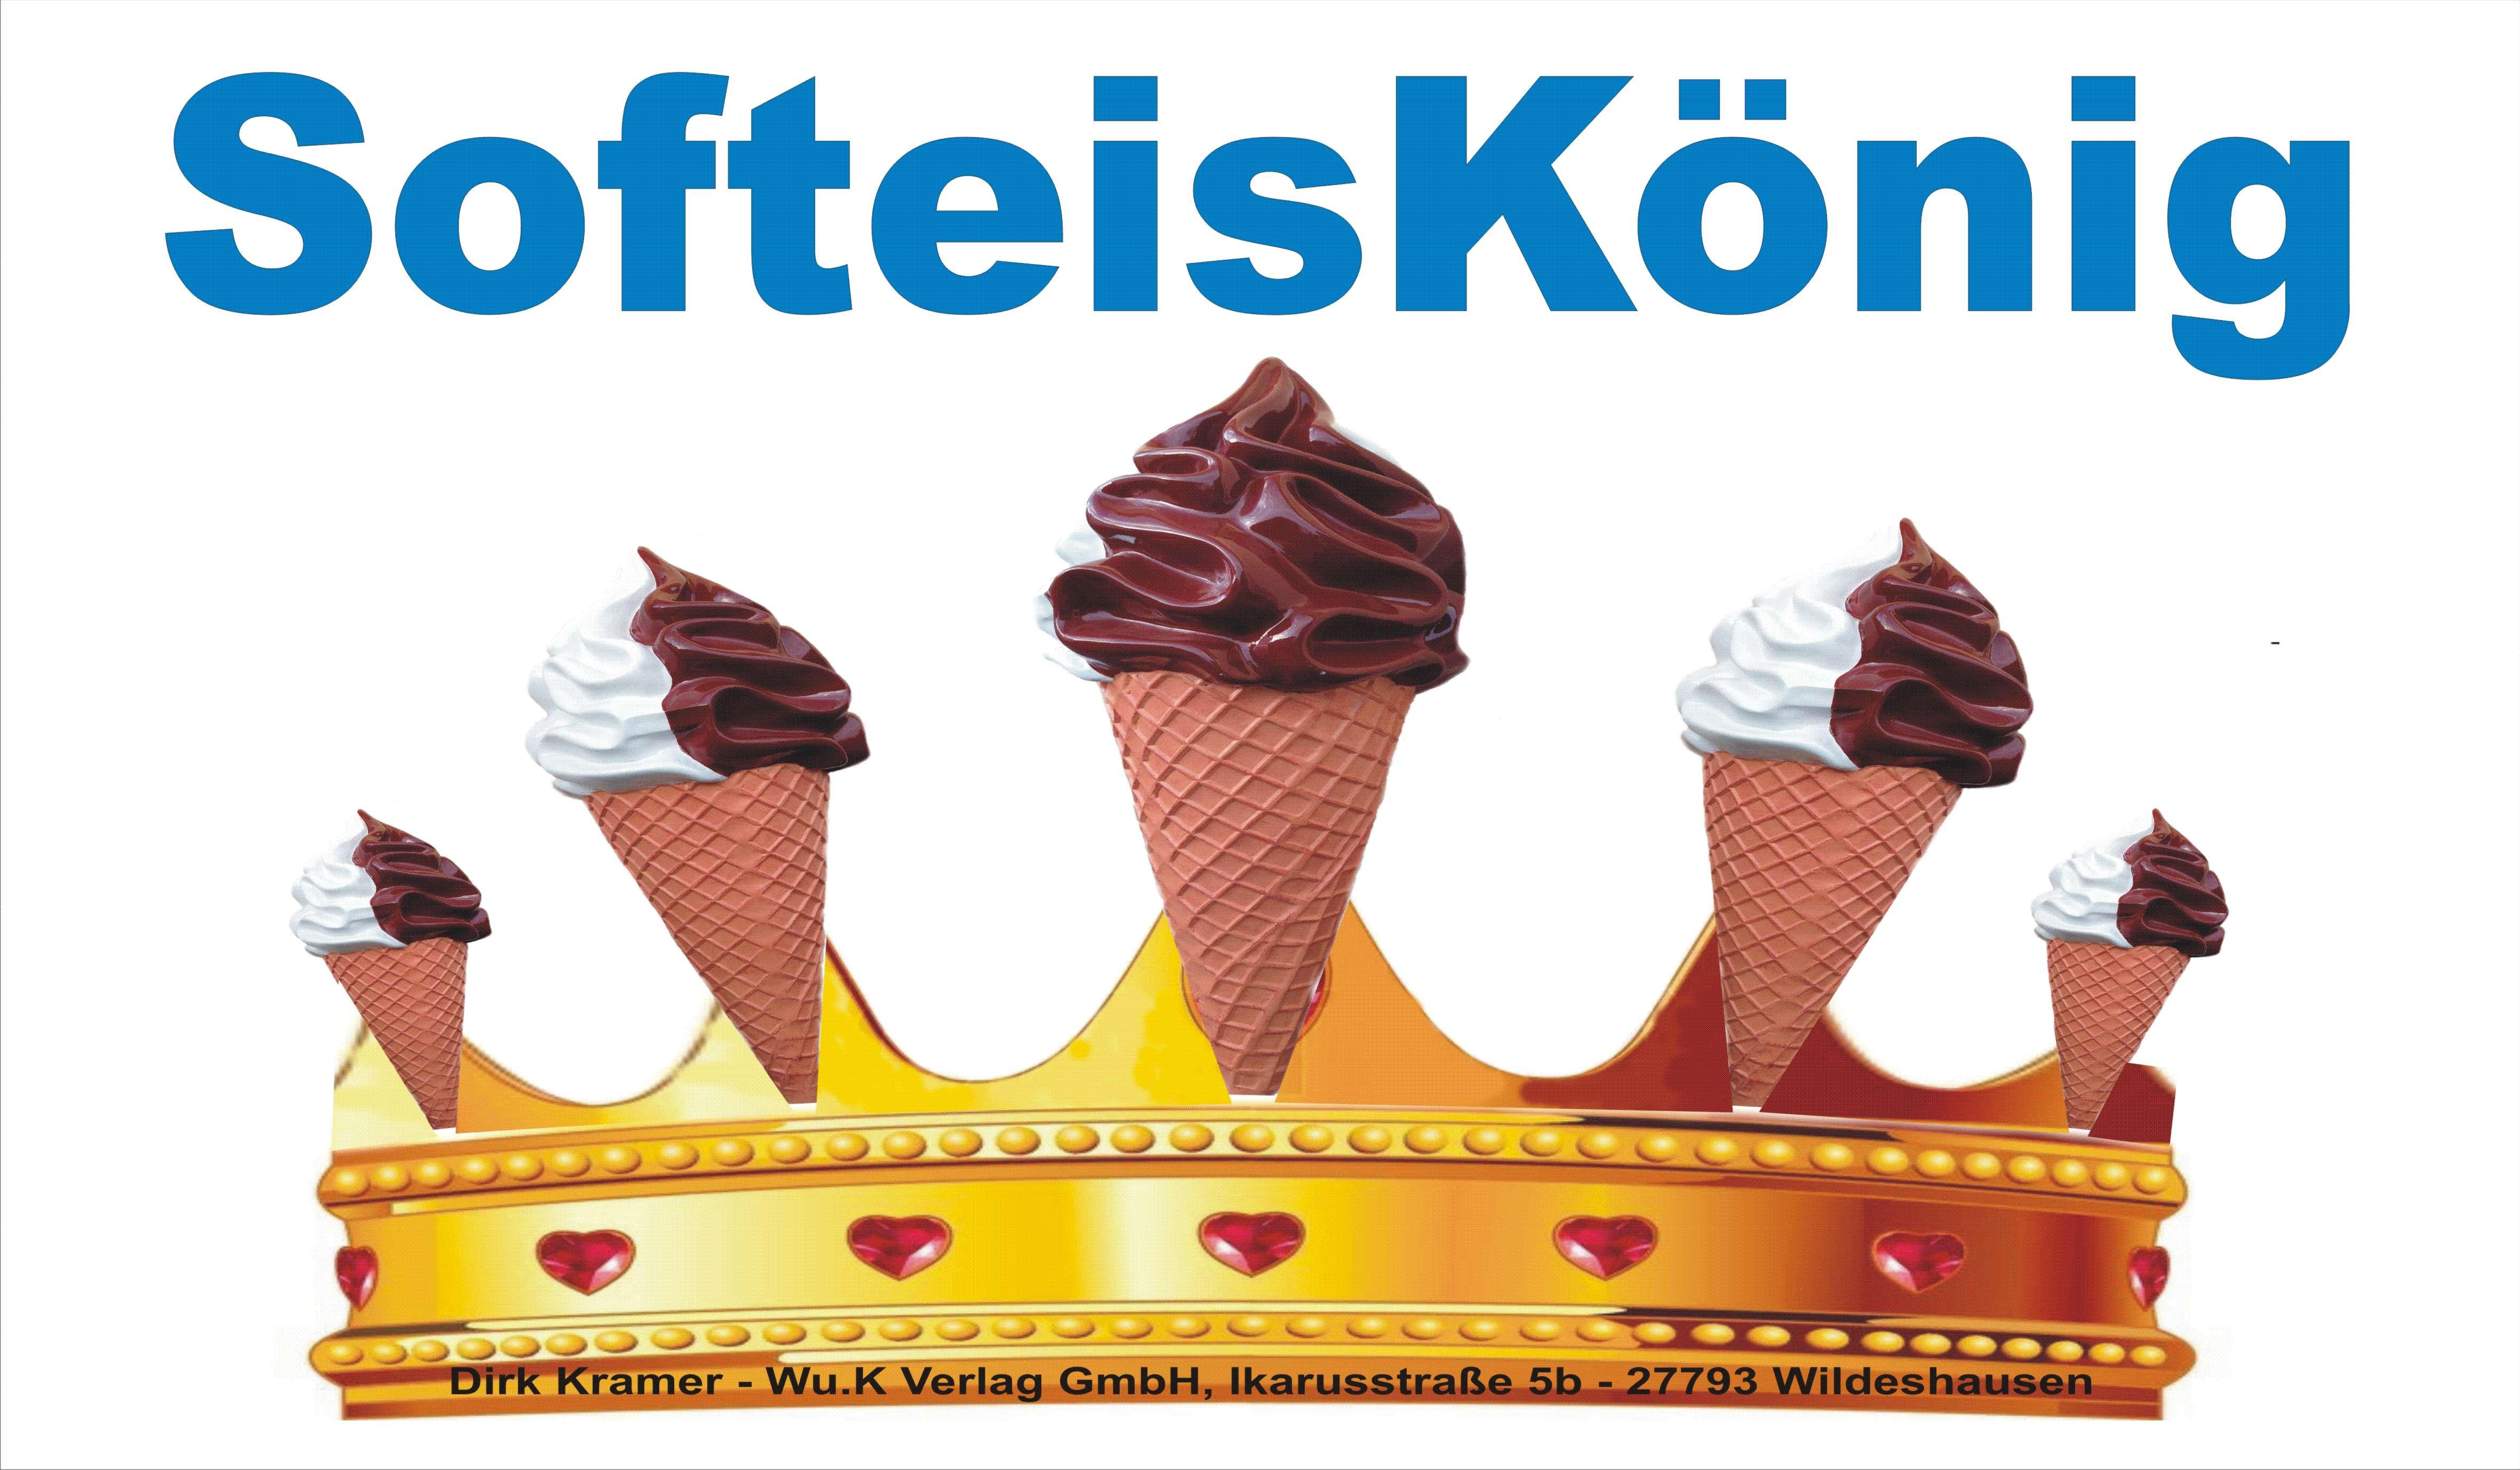 Softeiskönig - Dirk Kramer, Ein Unternehmen der Wu.K Verlag GmbH